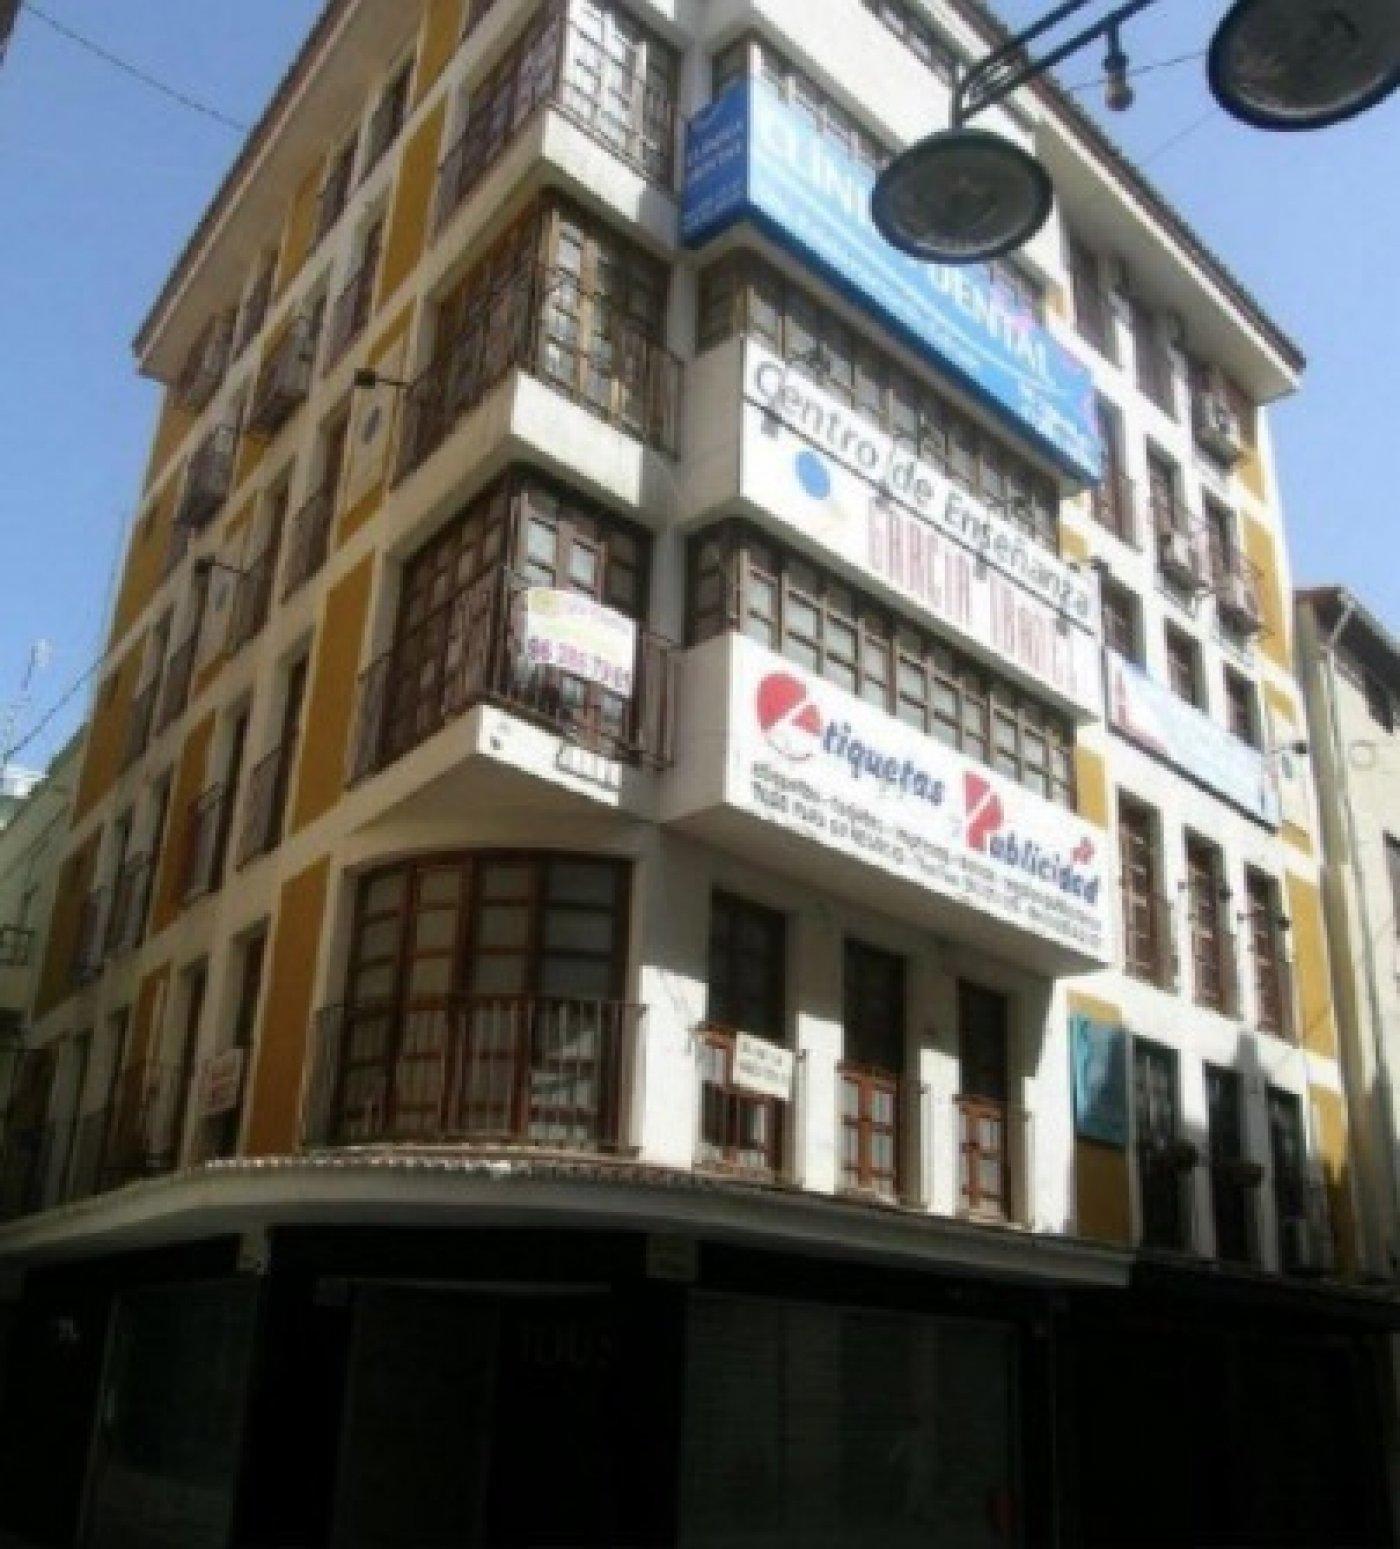 Oficina comercial en la calle mayor. centro comercial de referencia de la ciudad de gandia - imagenInmueble17